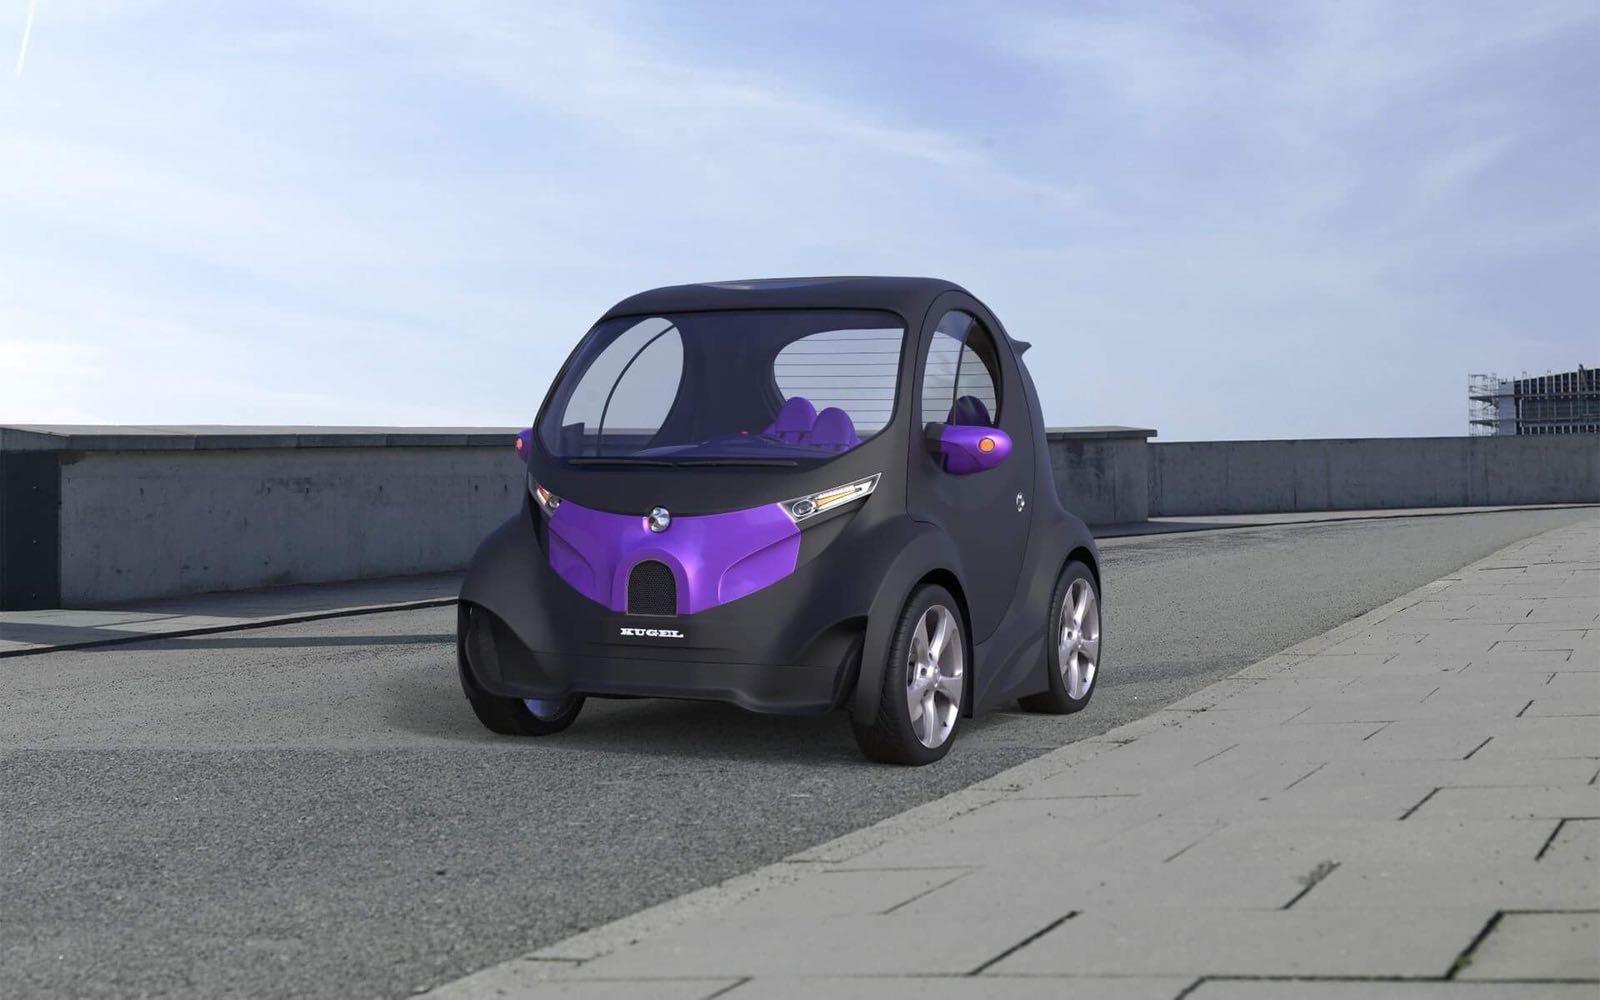 Создатель суперкара Himera показал новый компактный электрокар Kugel